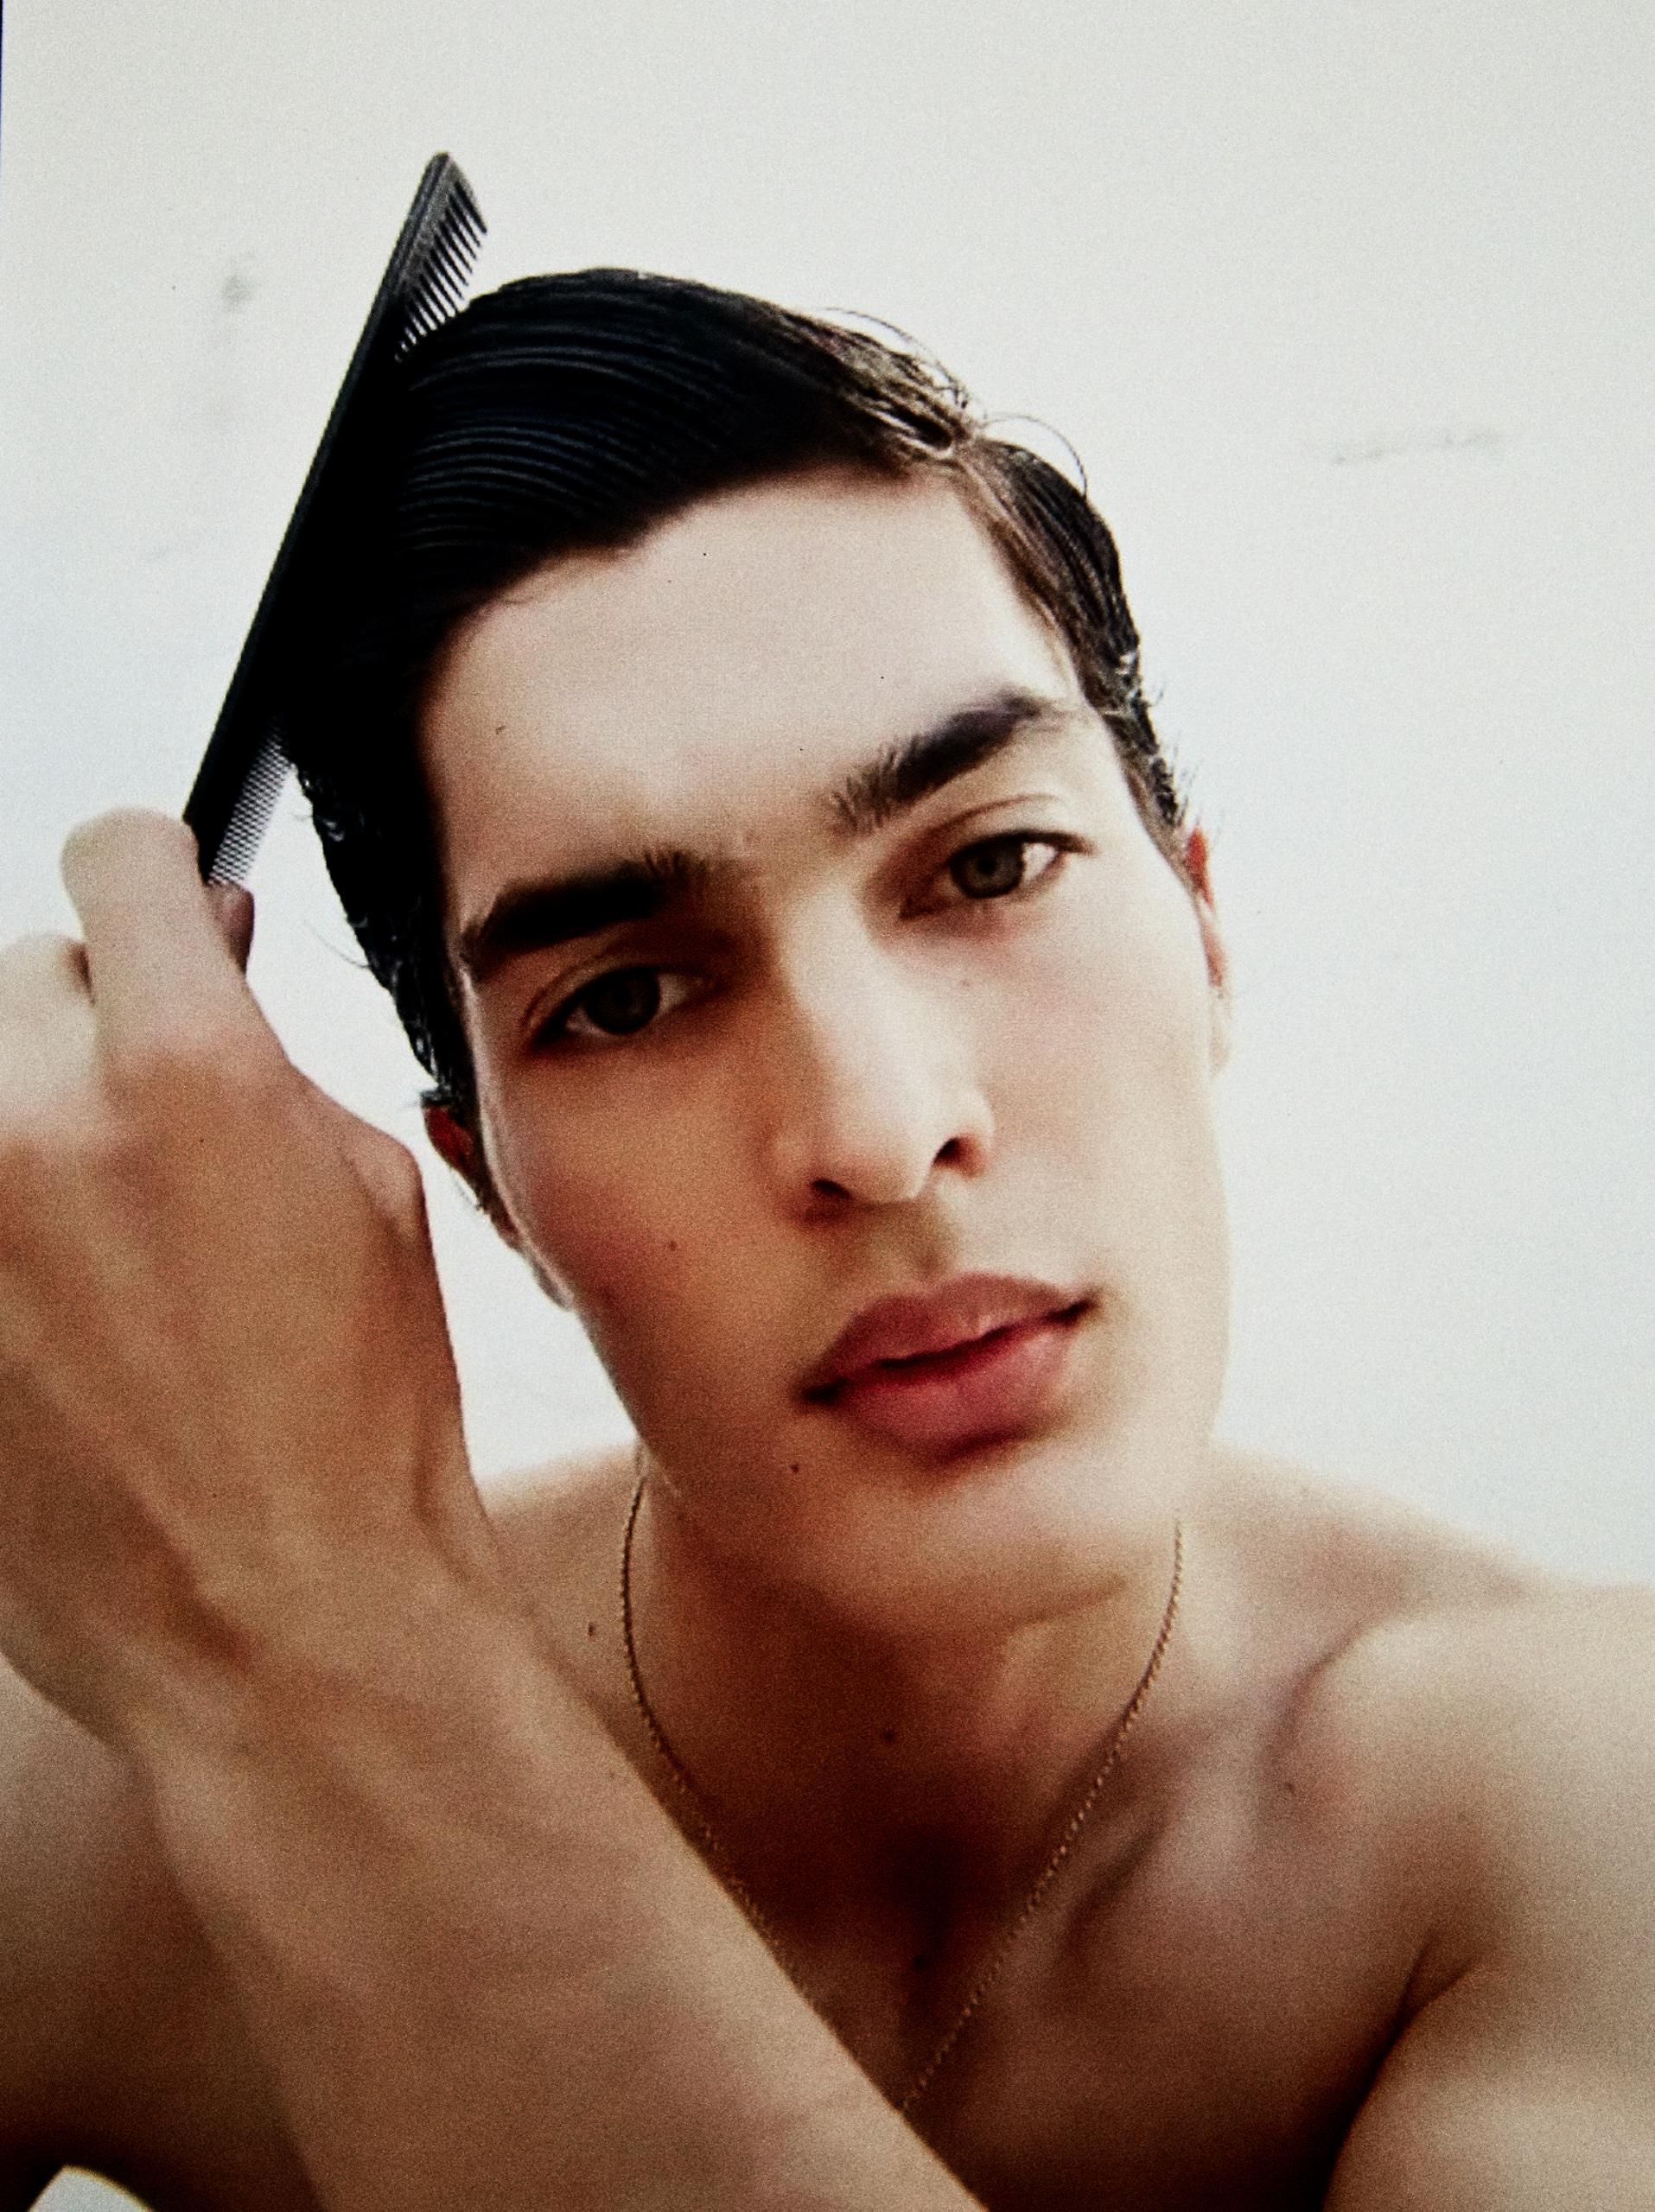 Facundo Aguirre by Vicente Mosto Facundo Aguirre by Vicente Mosto Vanity Teen 虚荣青年 Menswear & new faces magazine